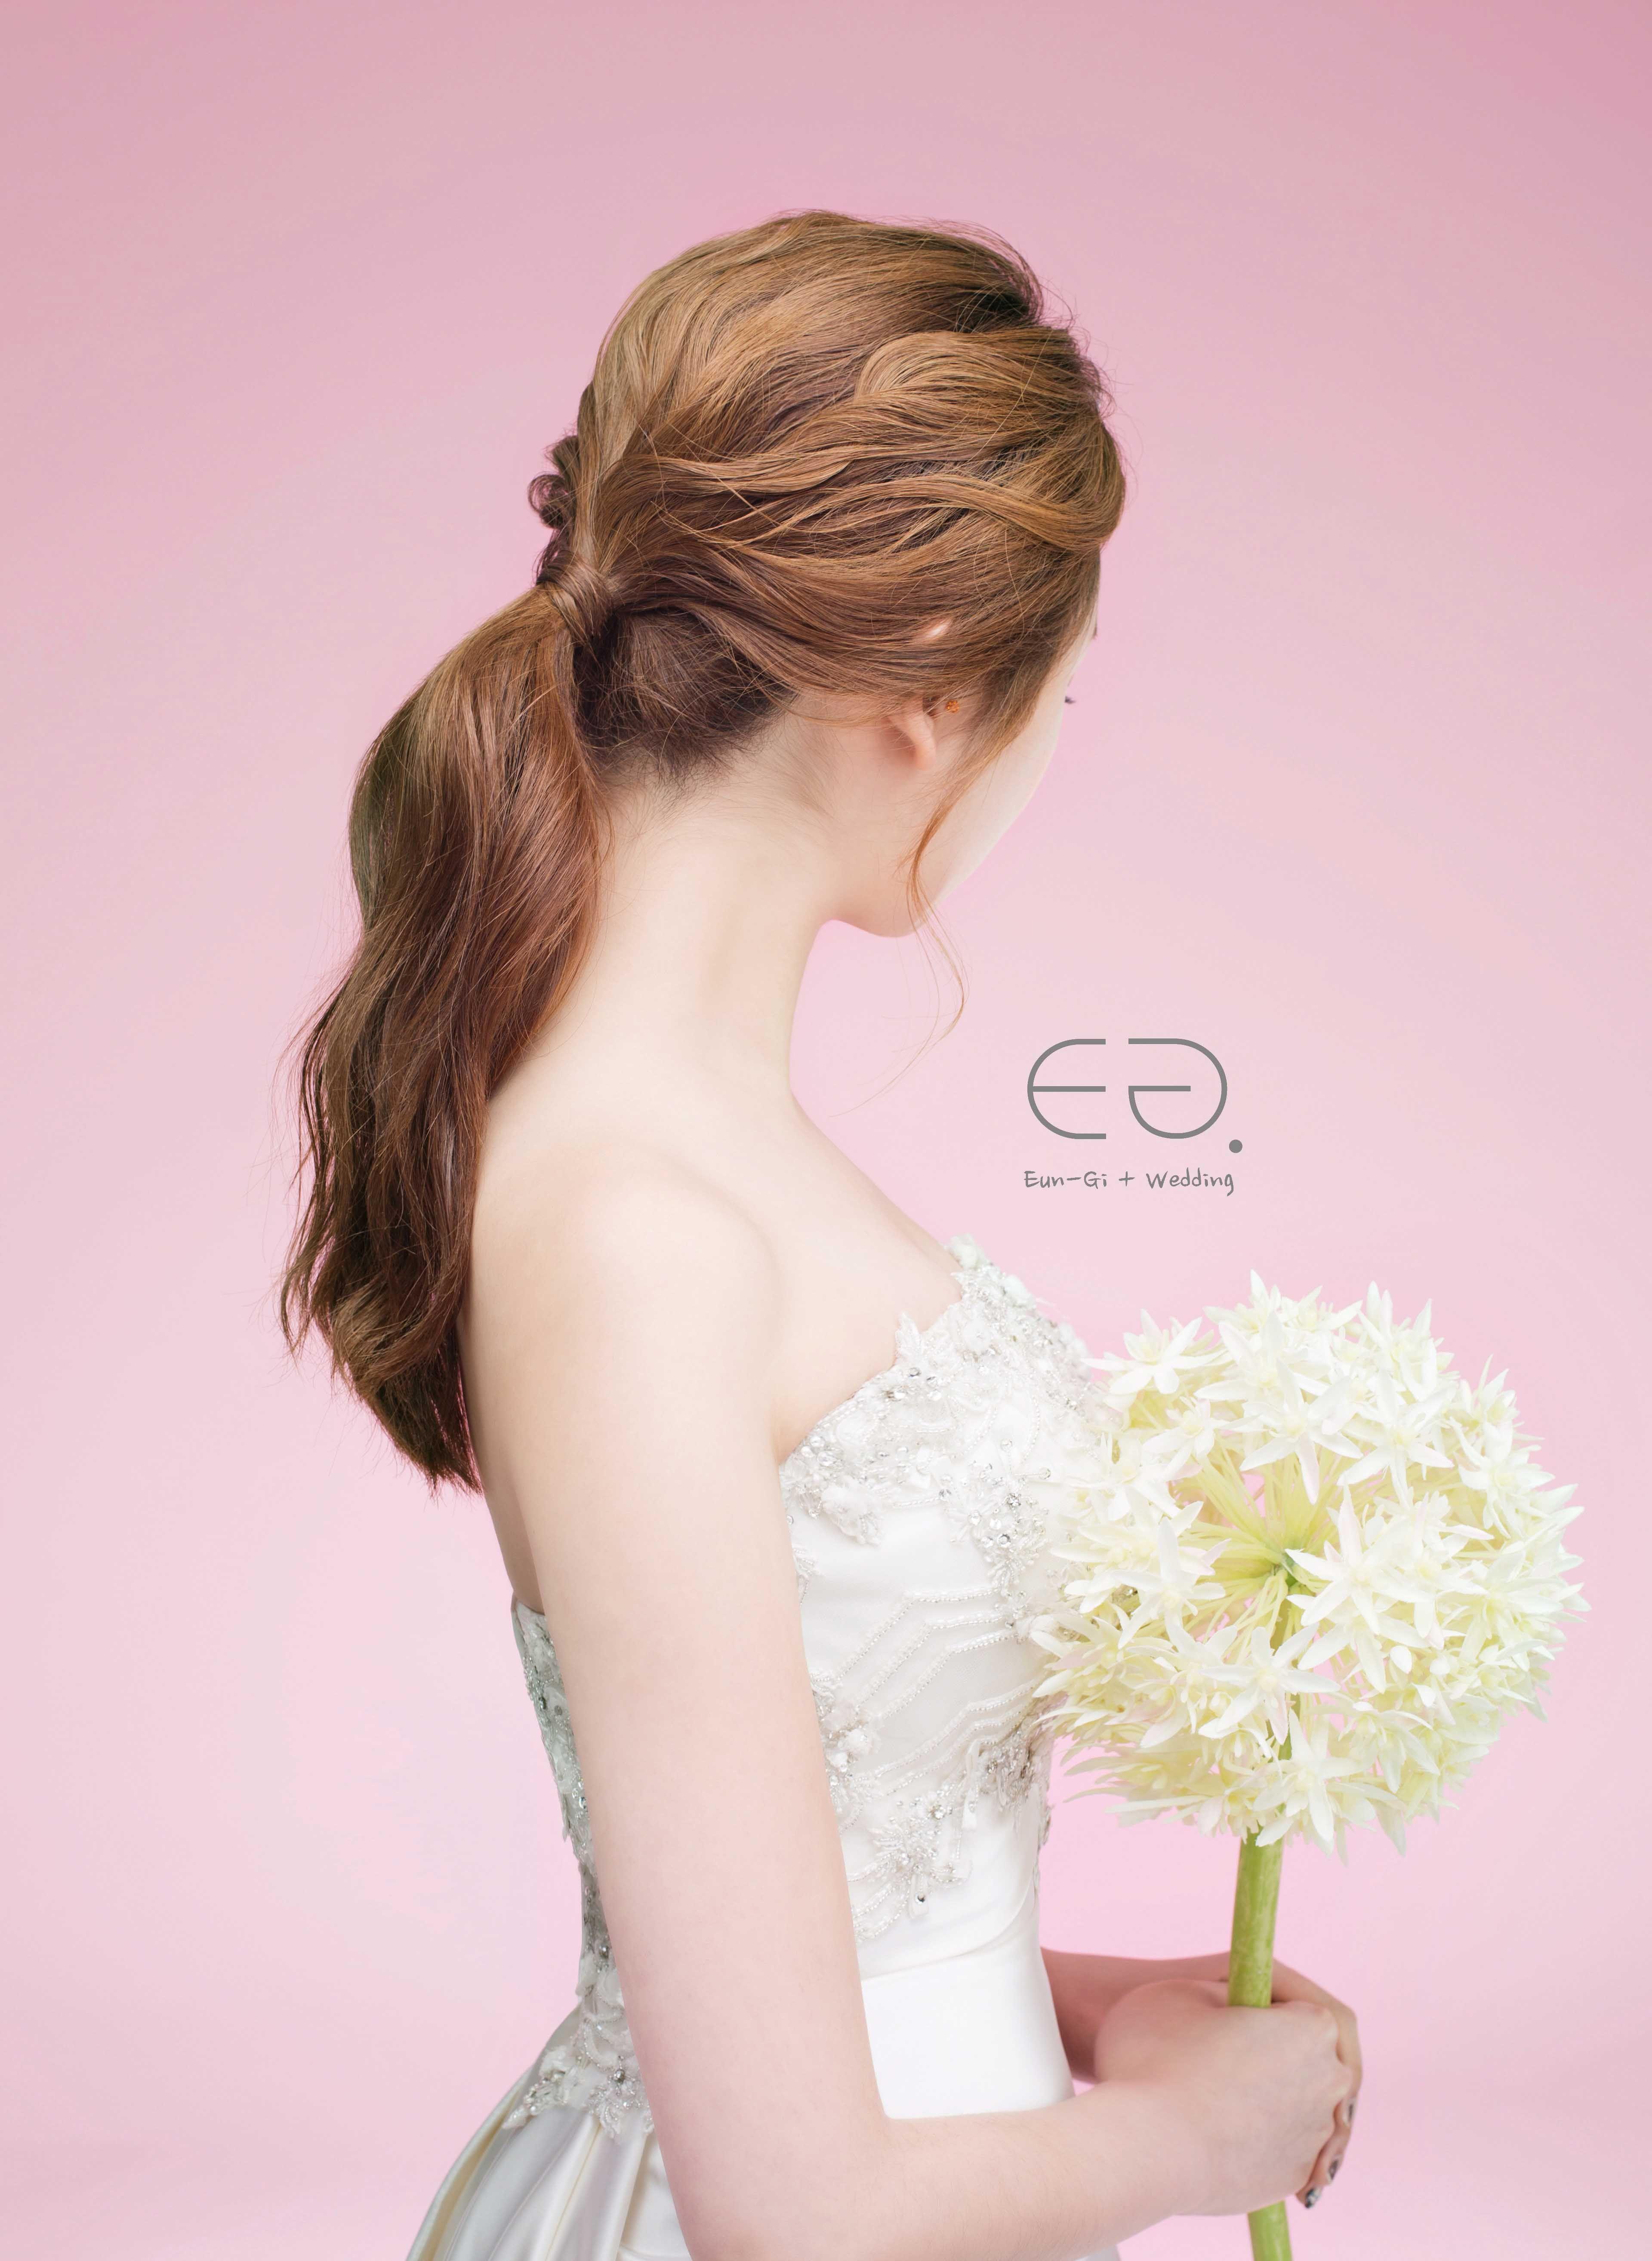 wedding hairstyles | hairstyles | bride hairstyles, korean